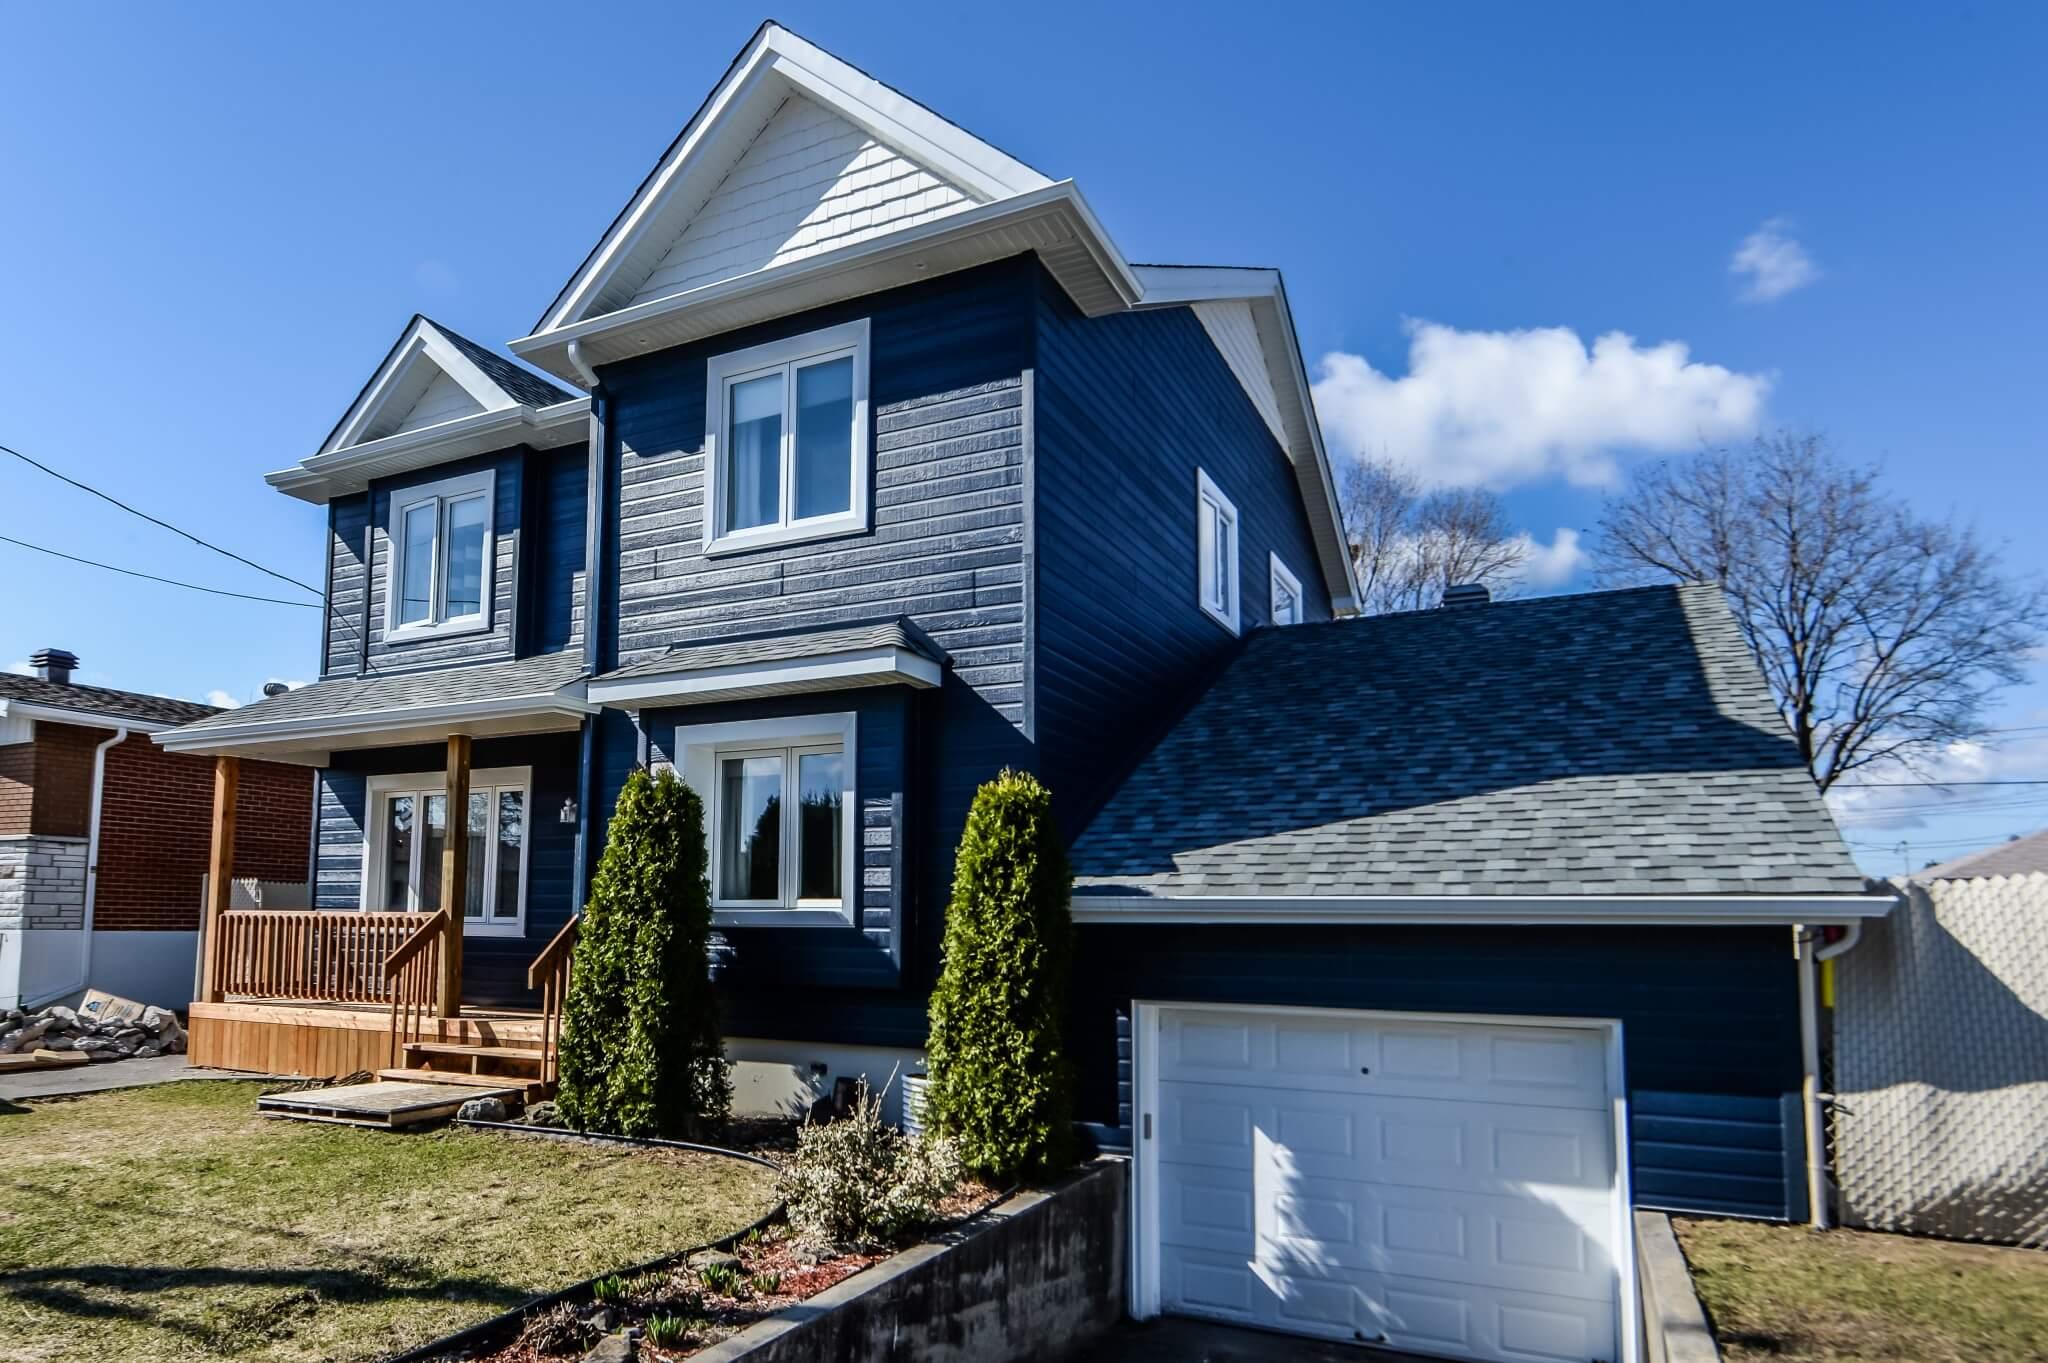 maison bleue apres agrandissement de maison